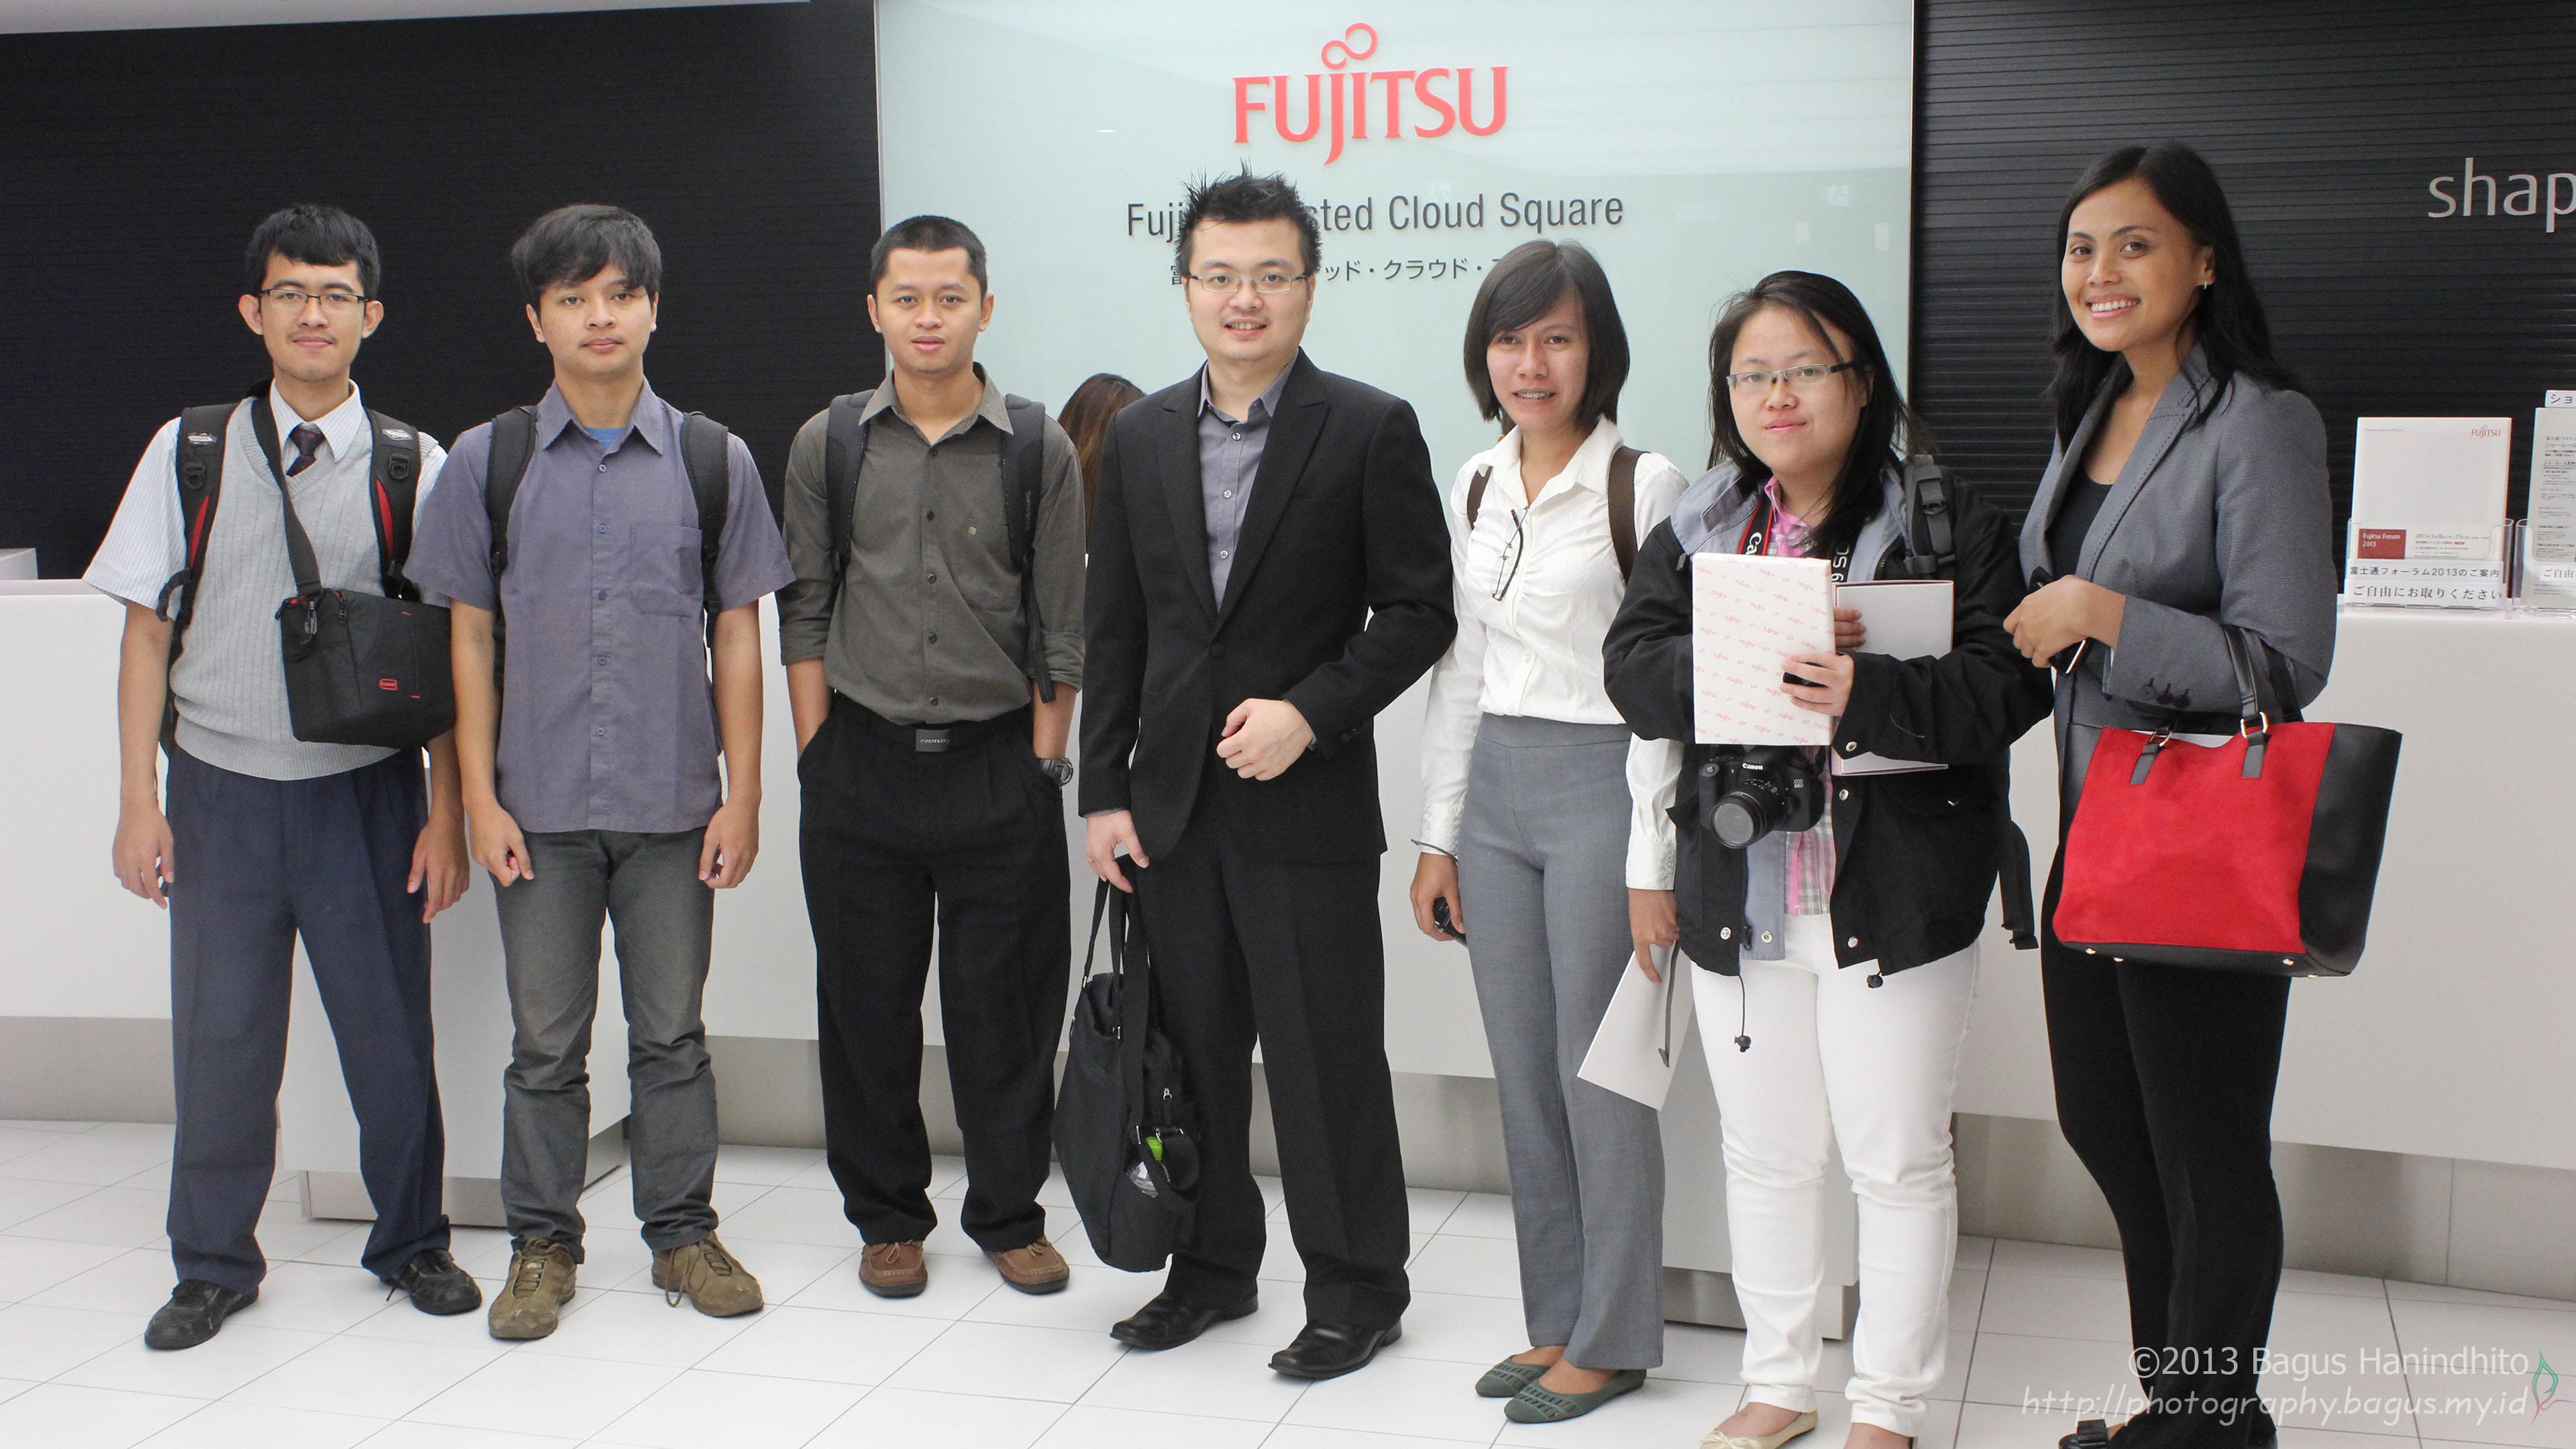 Fujitsu Trusted Cloud Square Tokyo Japan